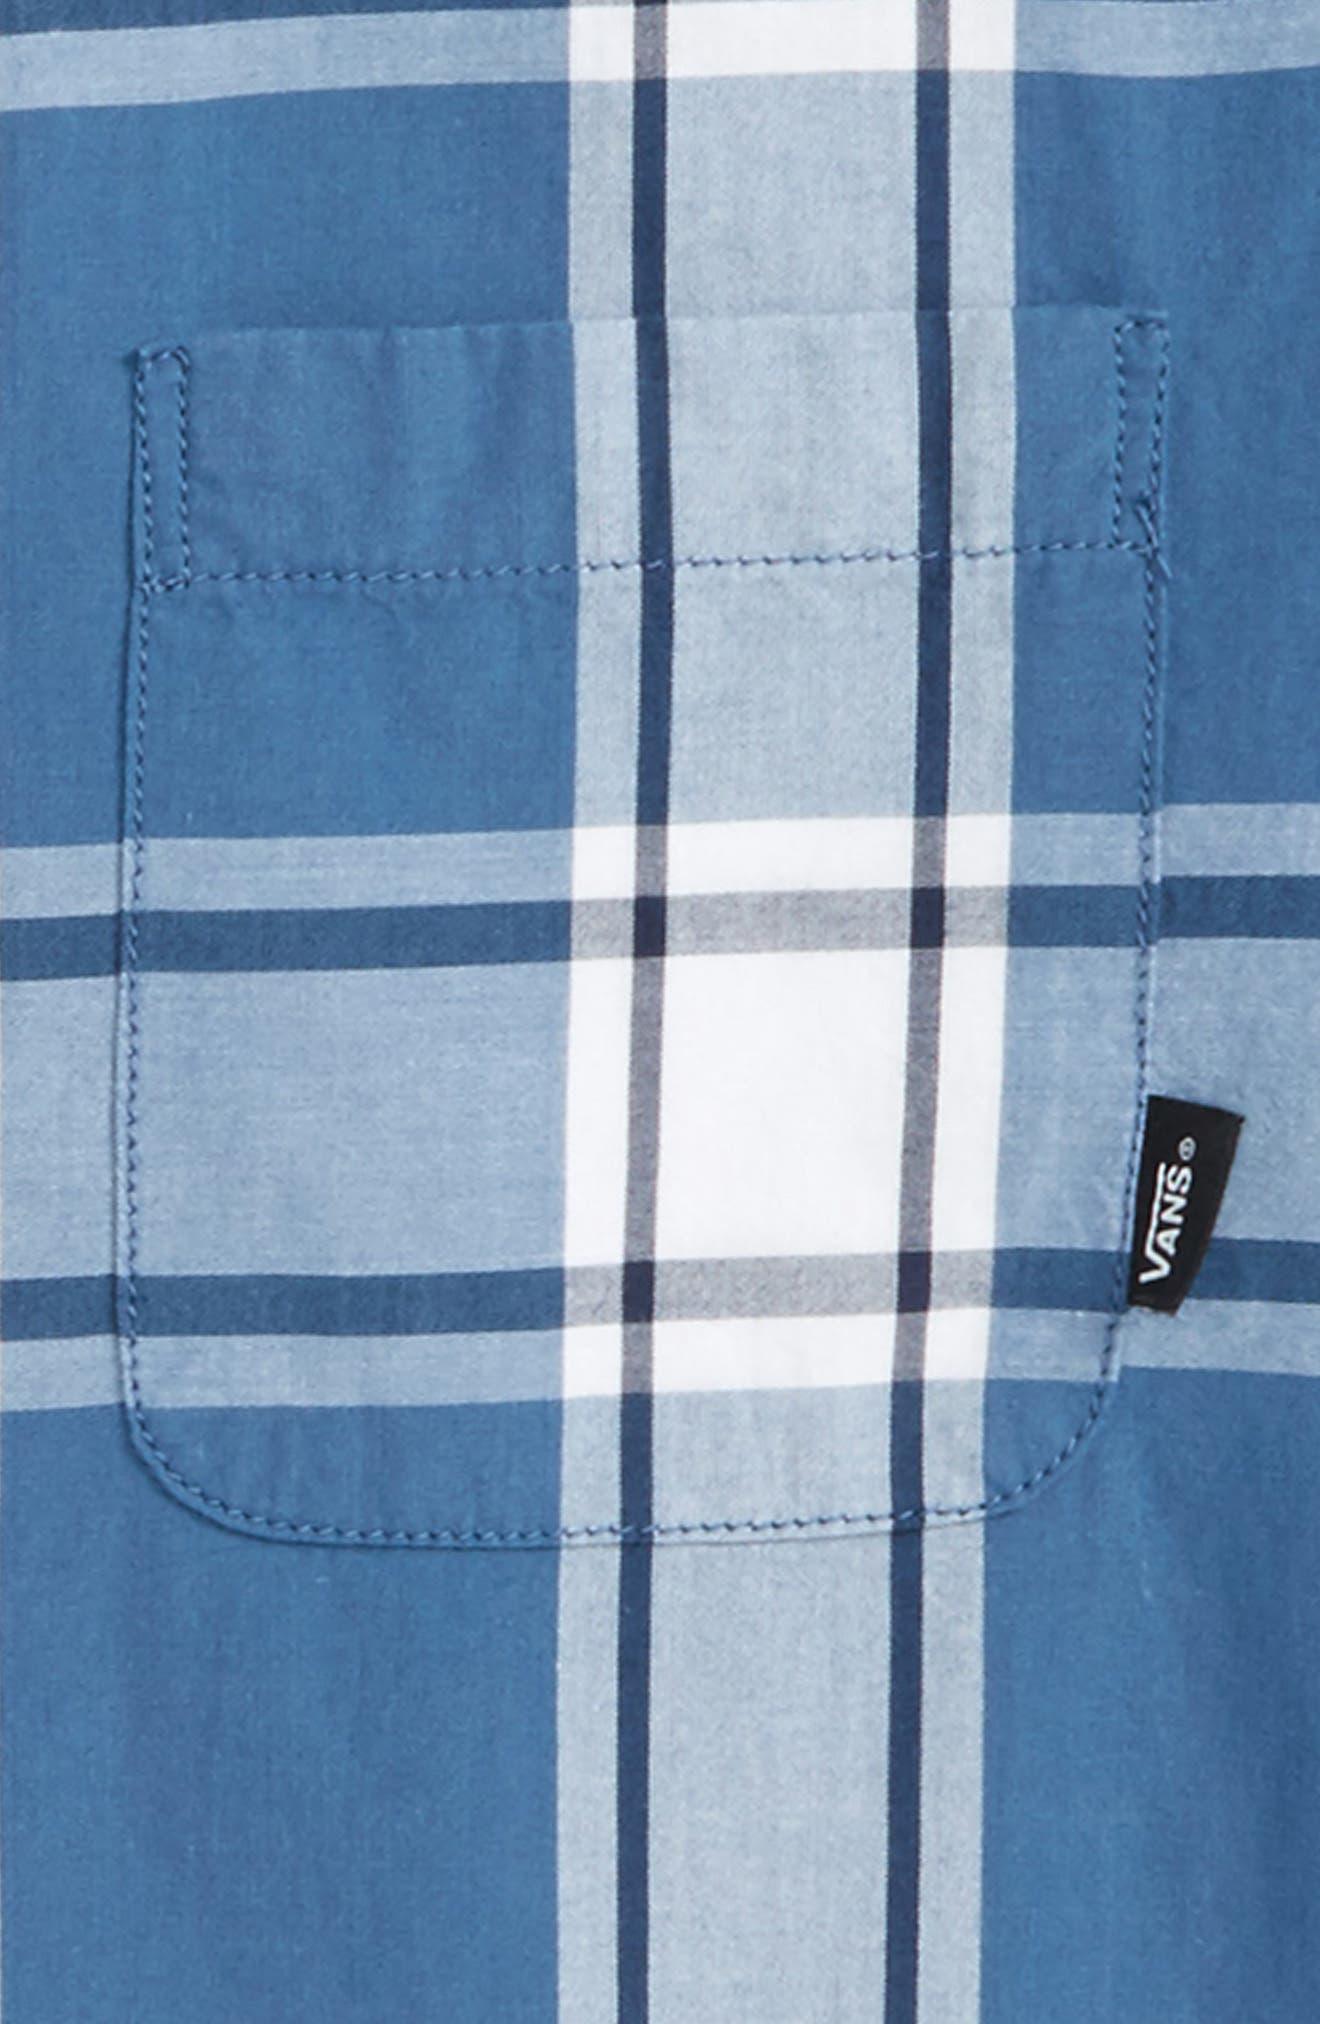 Mayfield Plaid Woven Shirt,                             Alternate thumbnail 2, color,                             Copen Blue